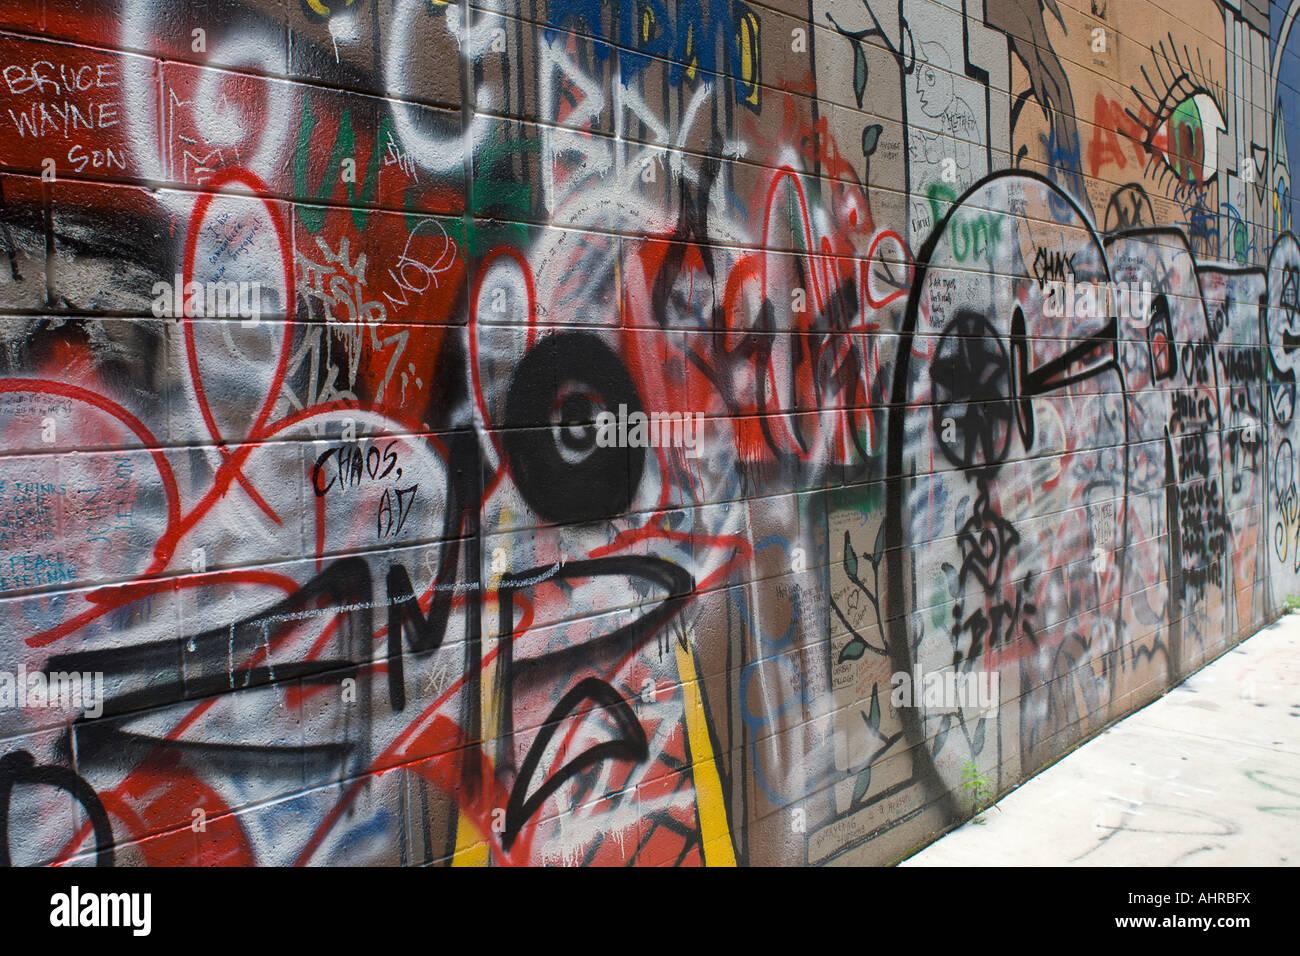 Graffiti wall ann arbor - Graffiti Covered Wall Ann Arbor Michigan